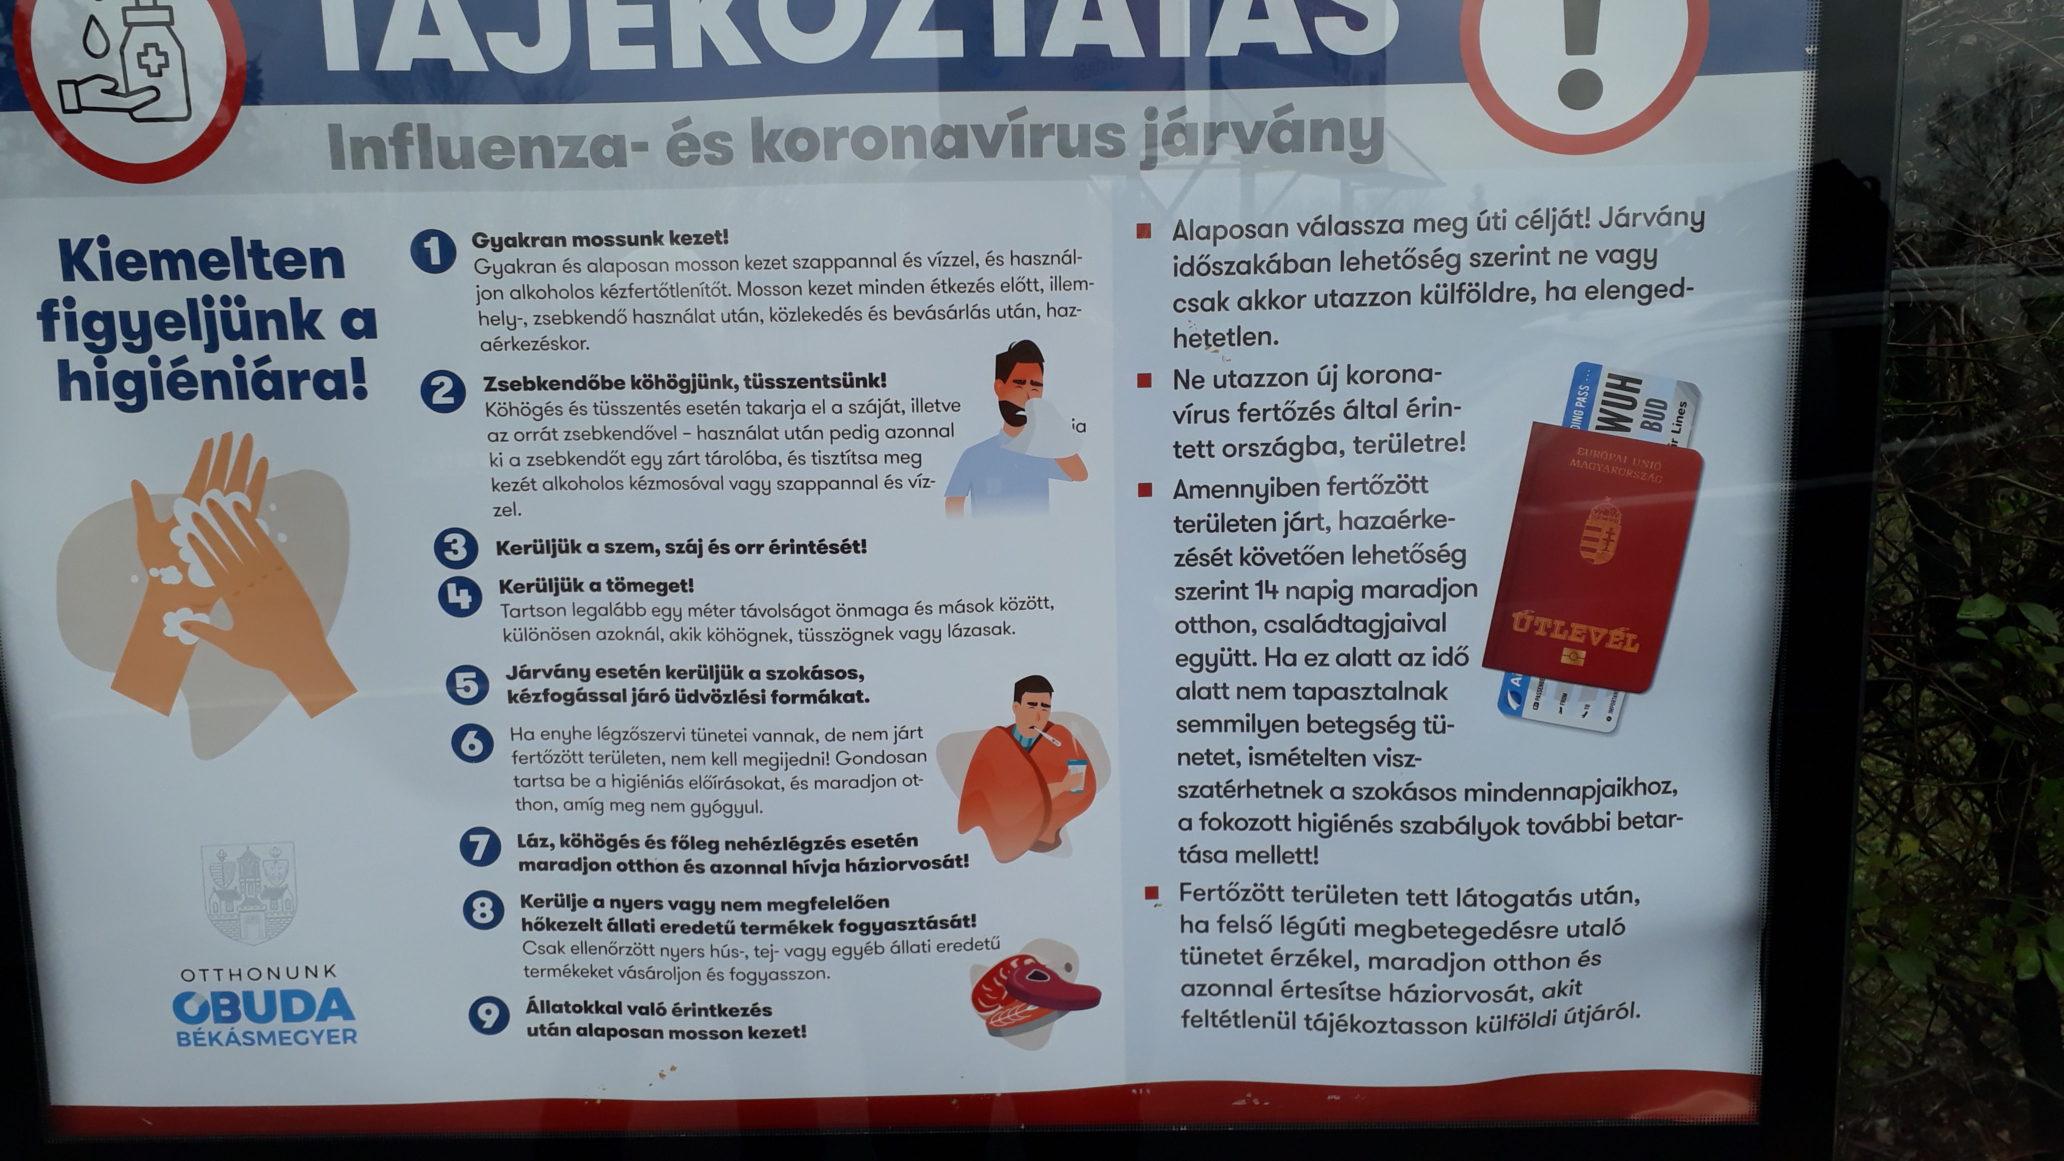 plakátok tájékoztatnak a koronavírussal kapcsolatos információkról